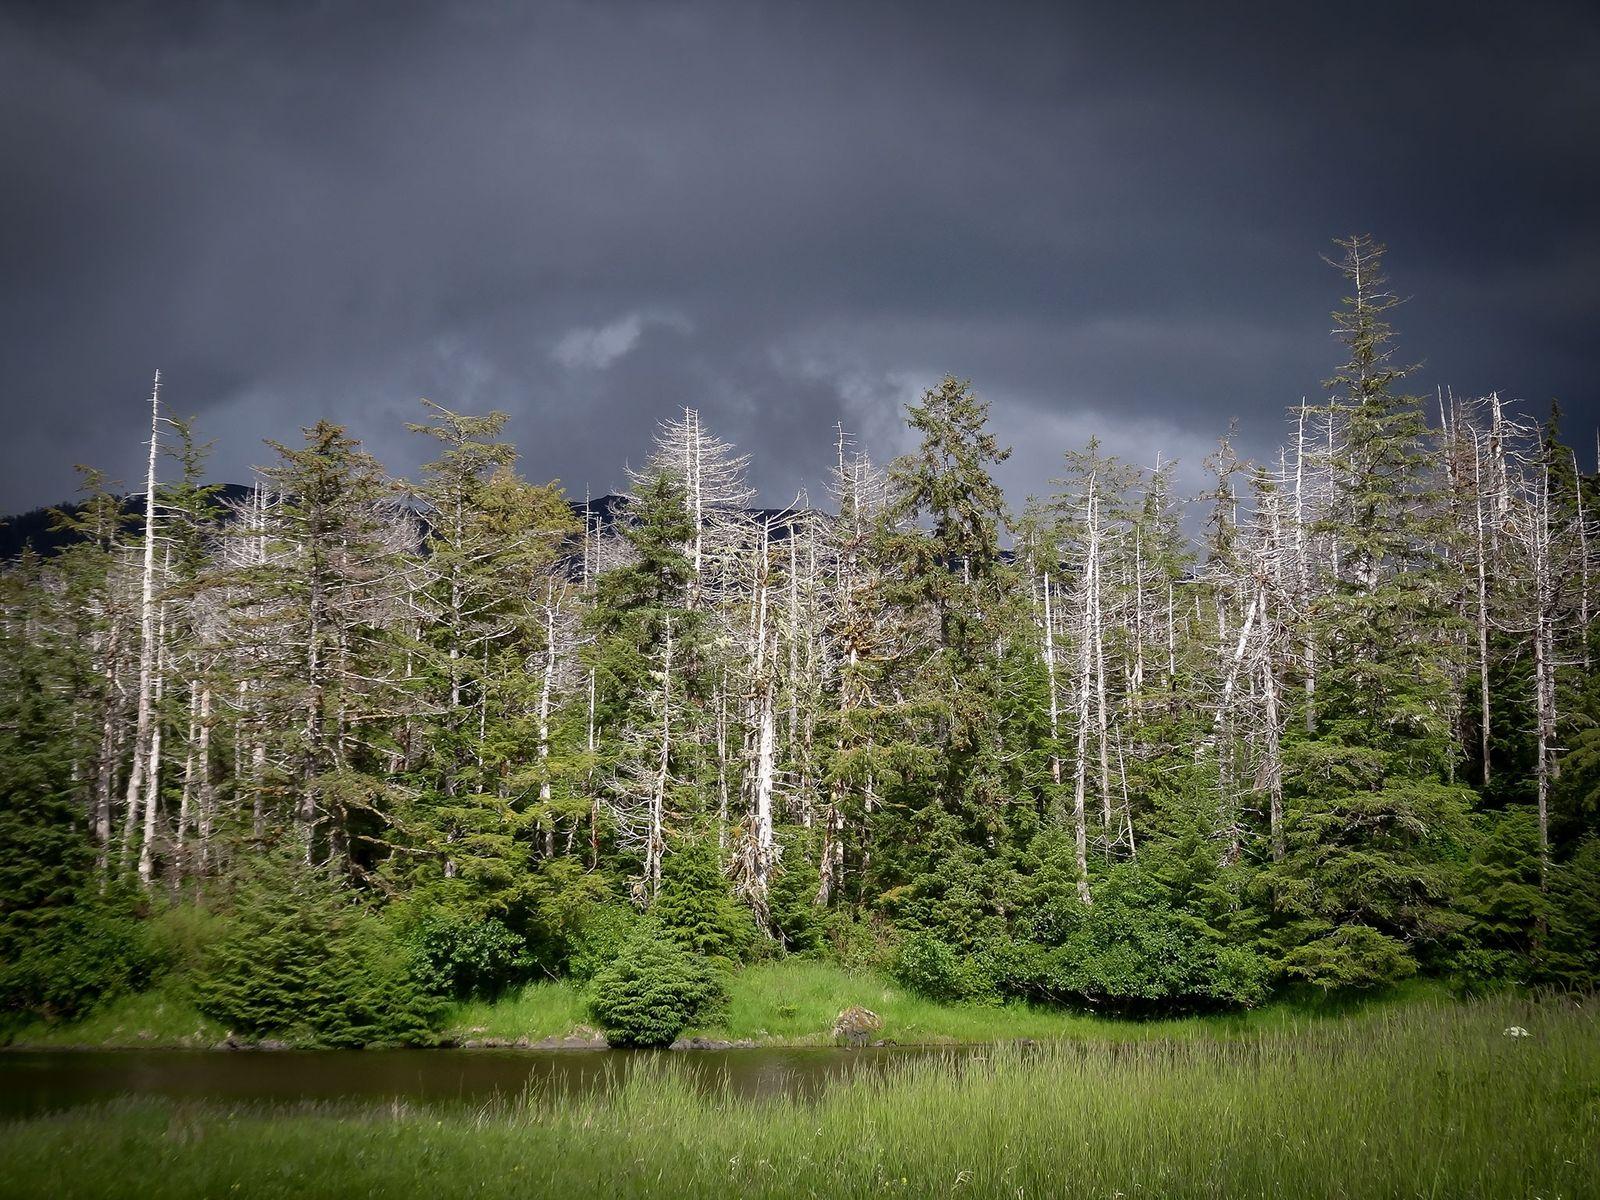 O que a morte em massa de uma árvore icônica nos revela sobre as mudanças climáticas